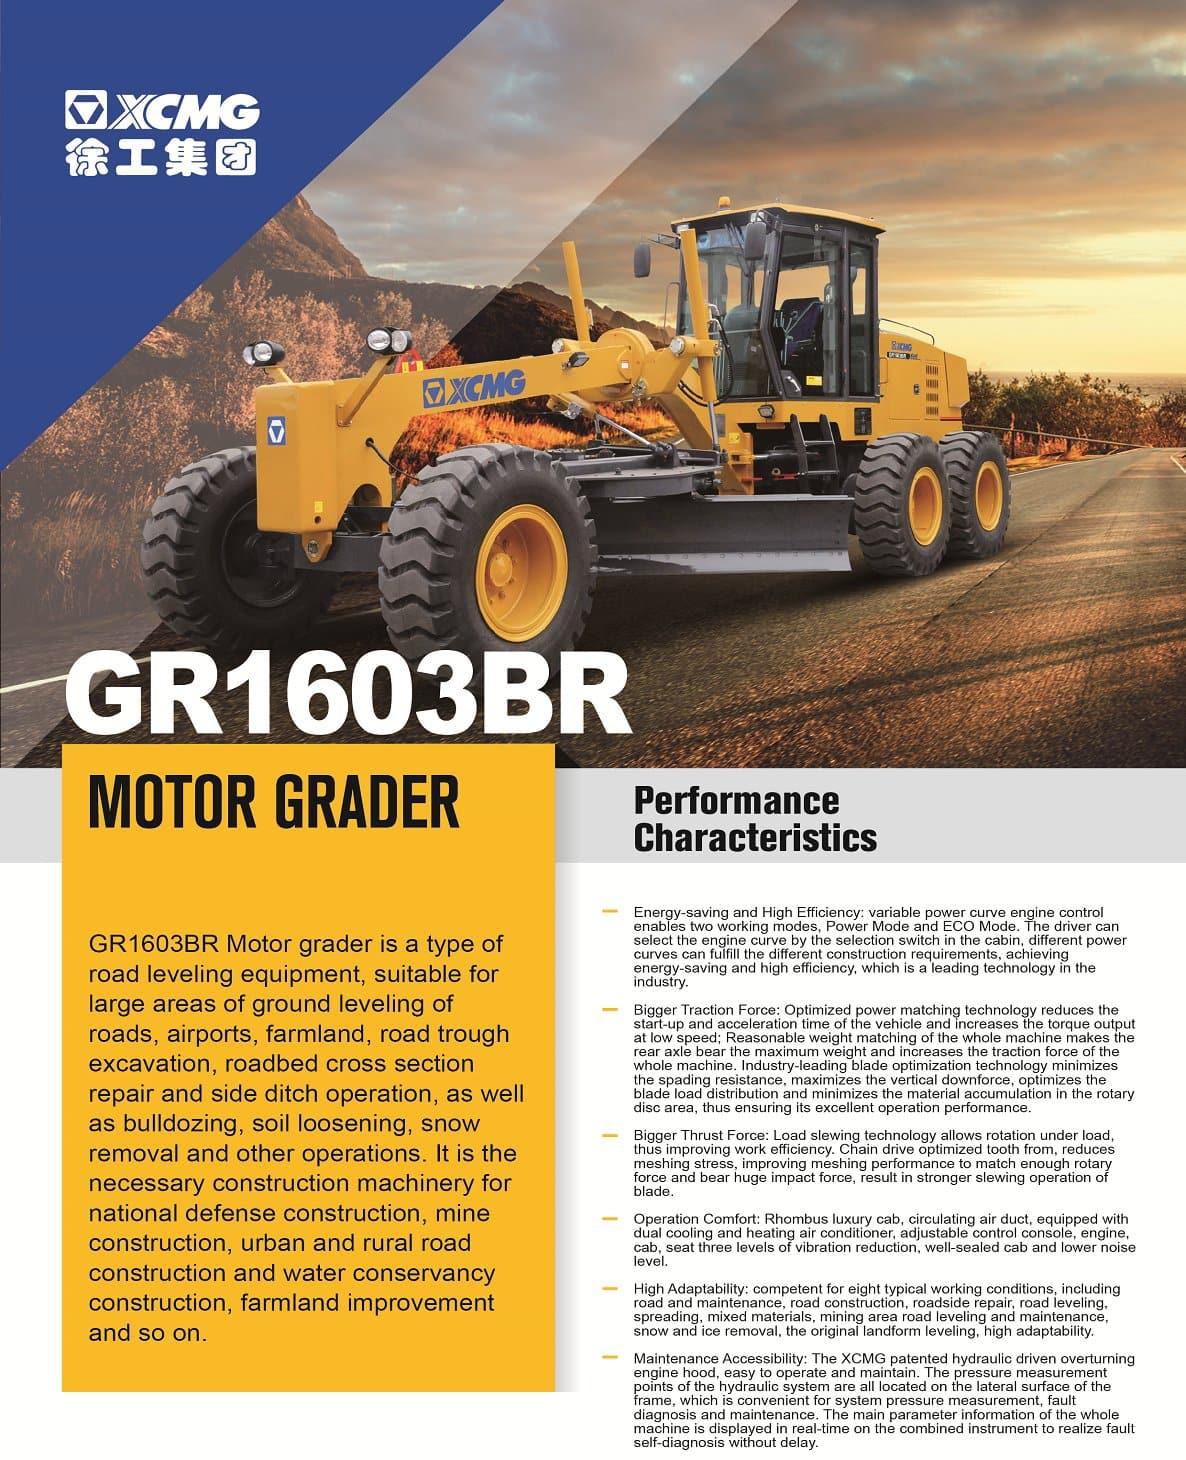 XCMG Official GR1603BR Motor Grader for sale